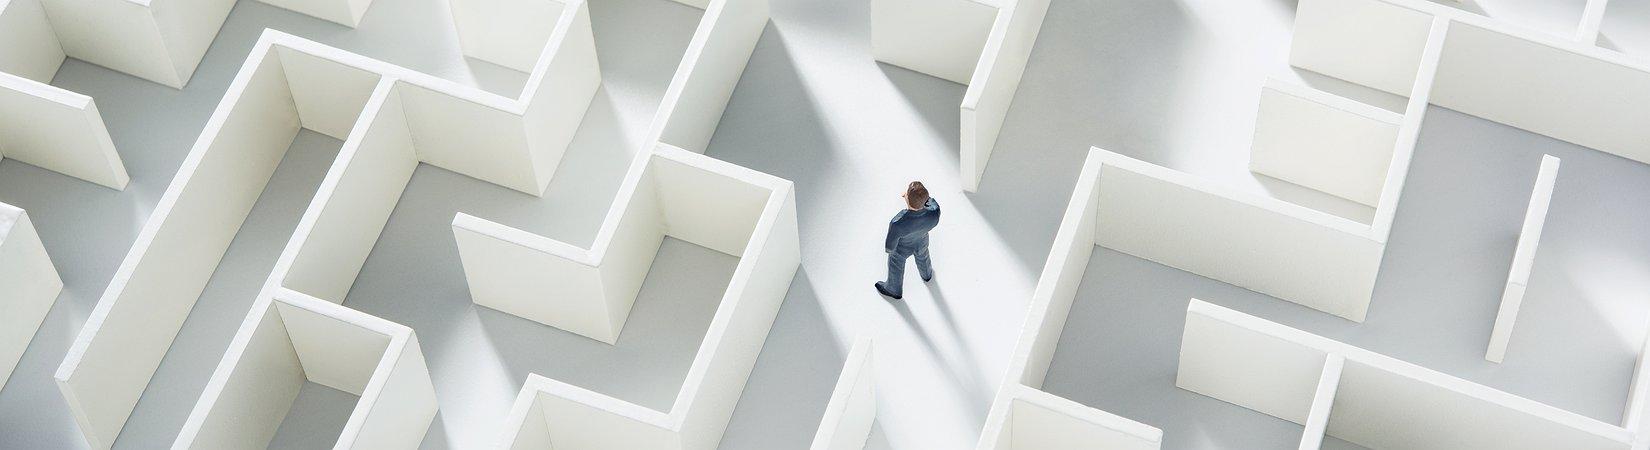 Как выбрать лучшие возможности для своего бизнеса